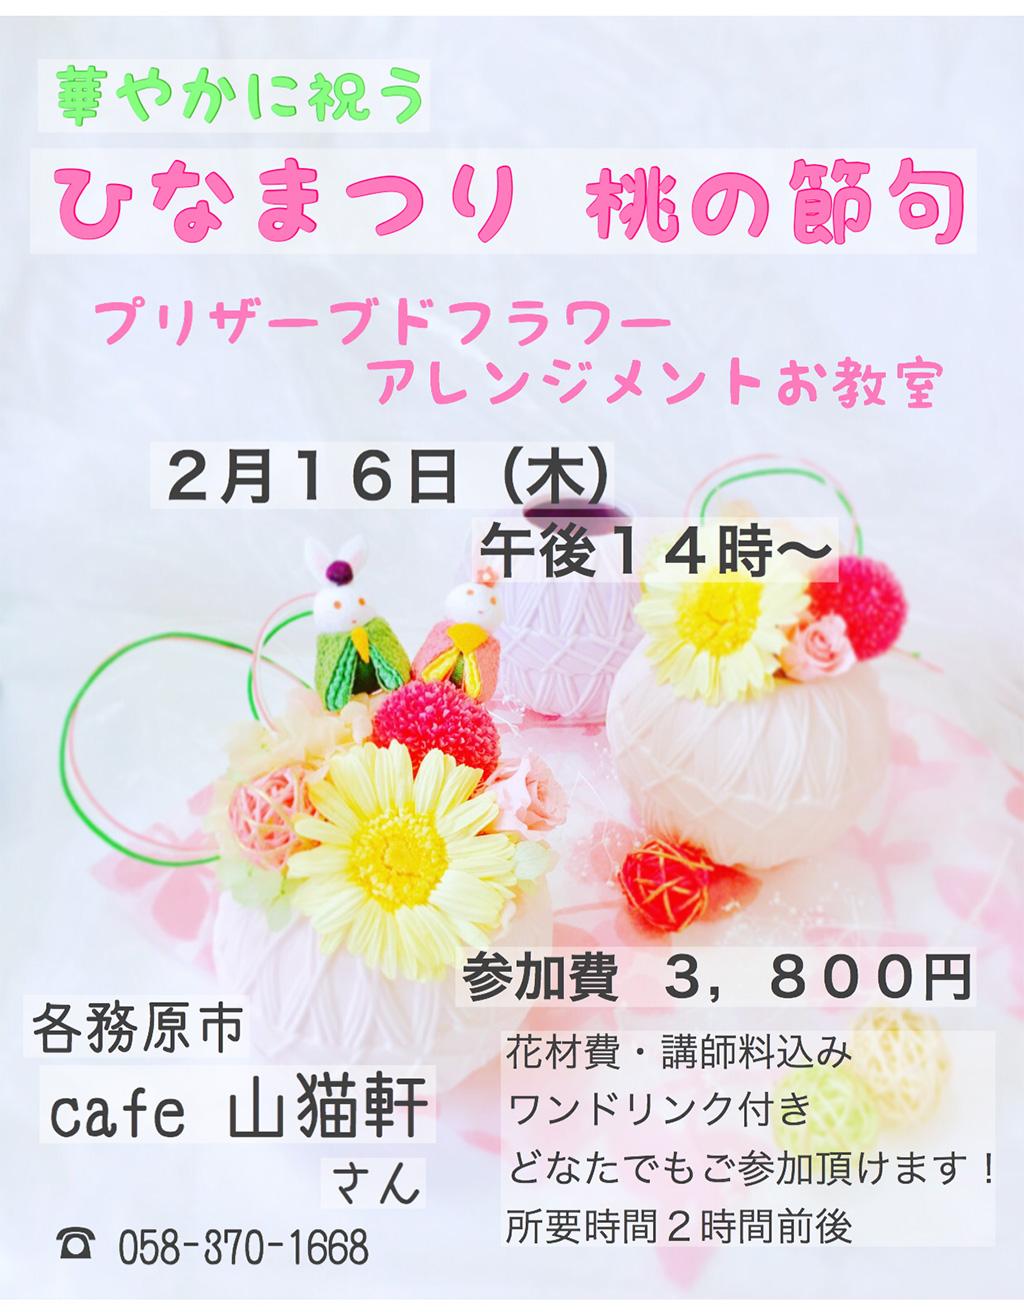 2017年2月16日「ひなまつり+桃の節句」プリザーブドフラワー教室@cafe山猫